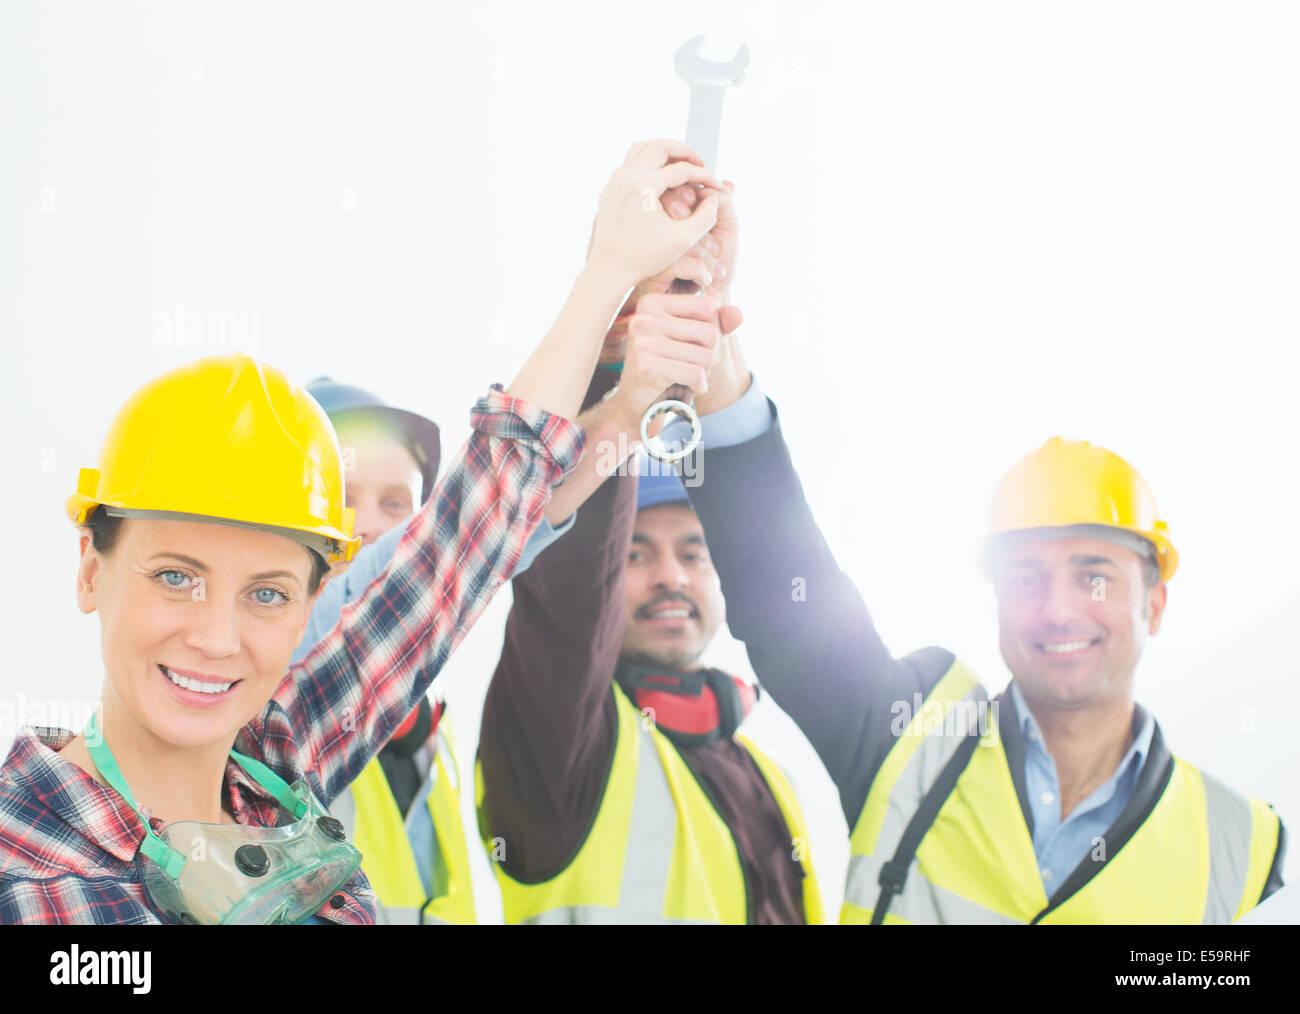 Retrato de los trabajadores de la construcción uniendo las manos Foto de stock